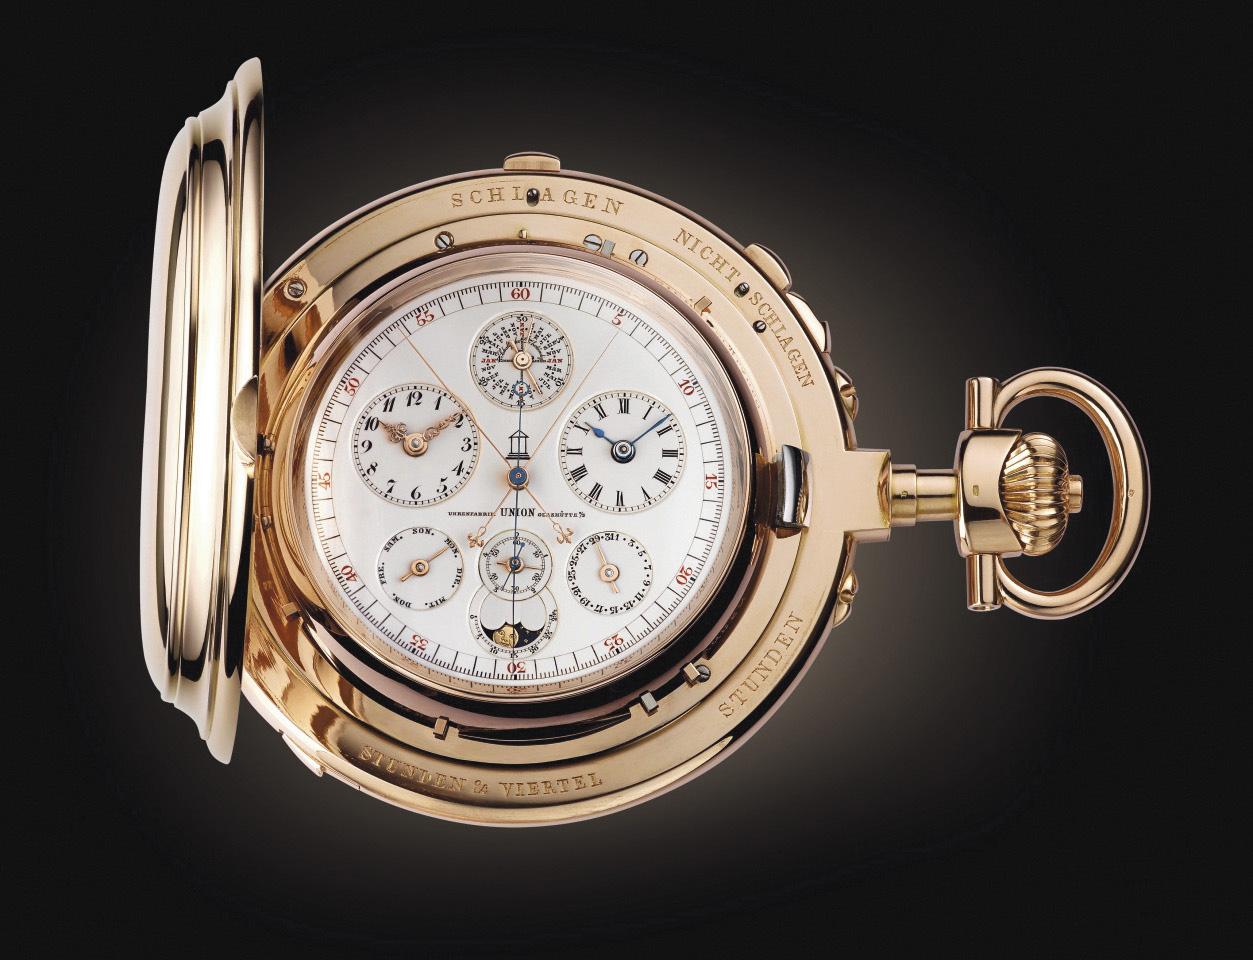 Montre de poche Universelle, 1899, boîte en or rose 18ct, cadran signé «Uhrenfabrik Union Glasshütte» calibre 22lignes, calendrier perpé